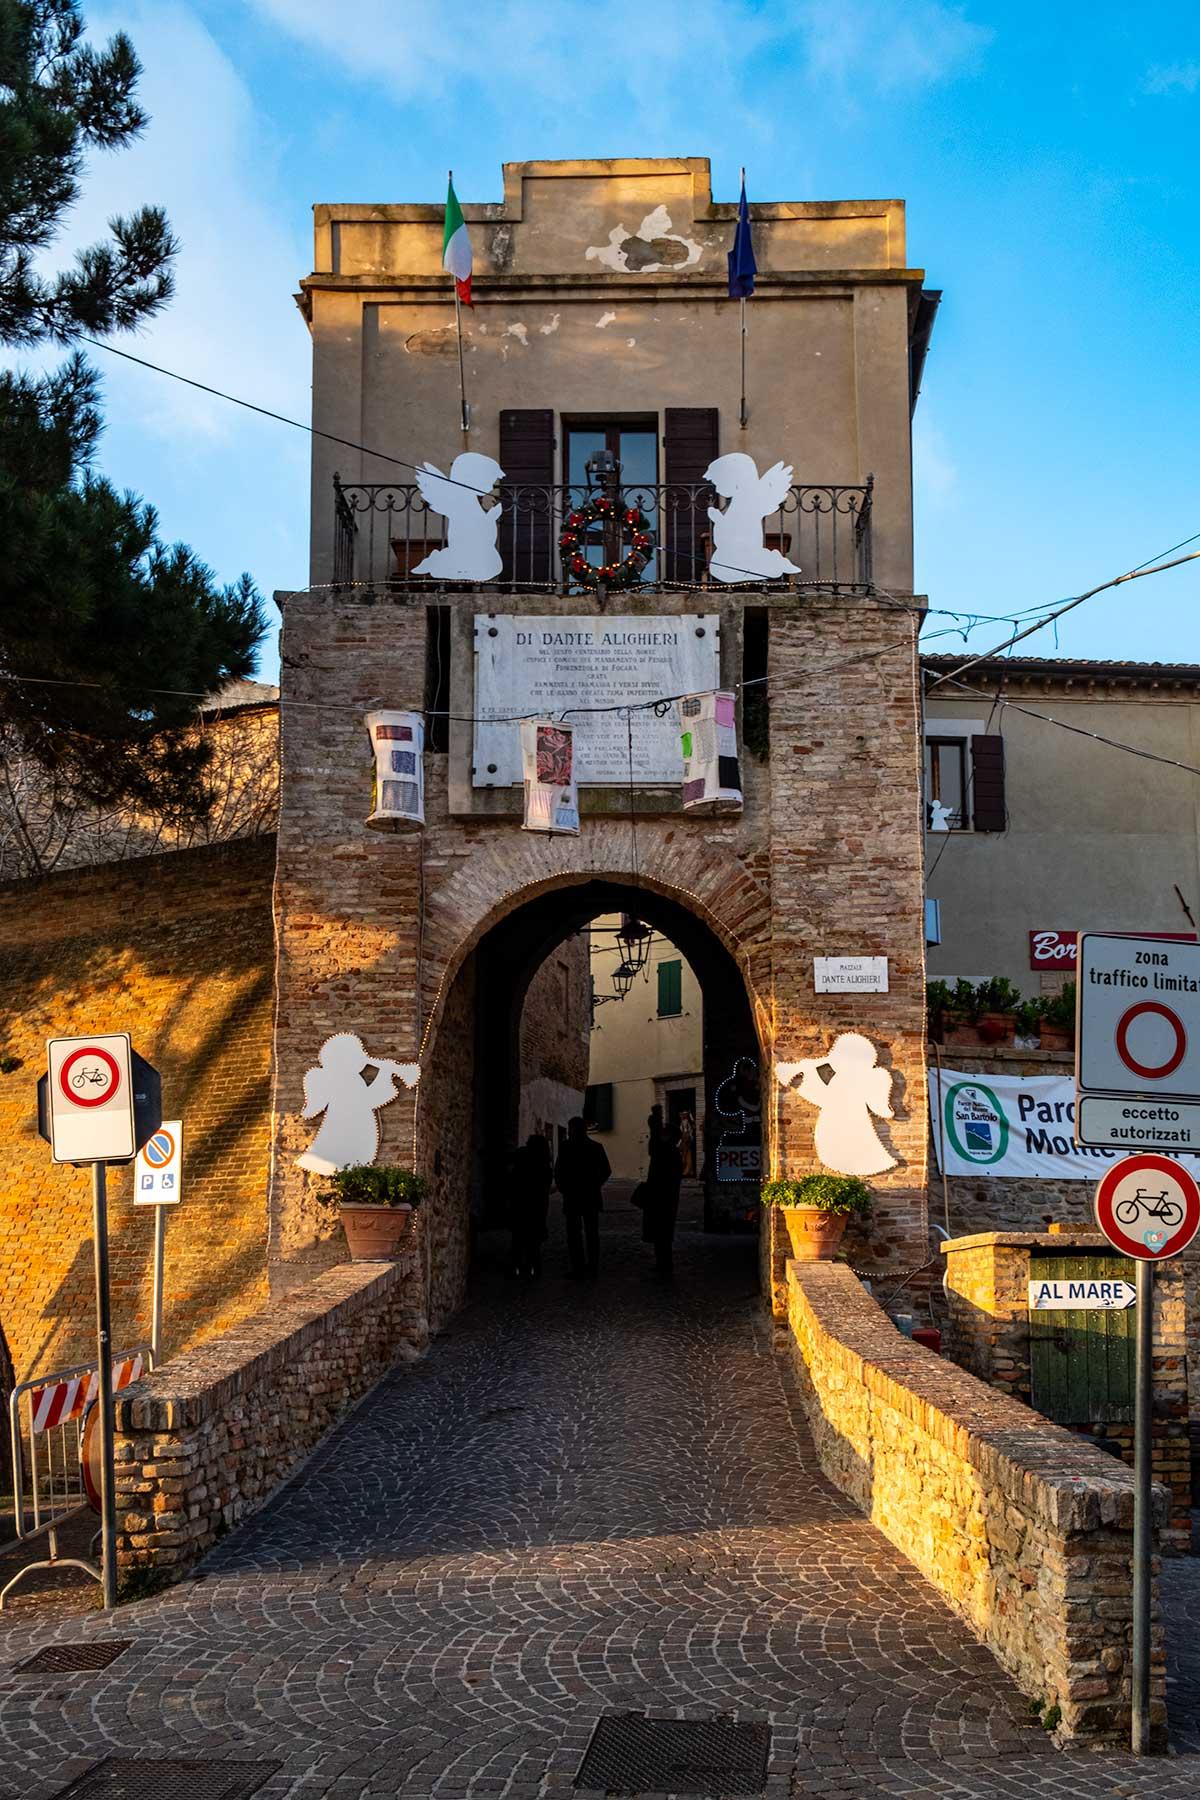 L'ingresso al borgo di Fiorenzuola di Focara